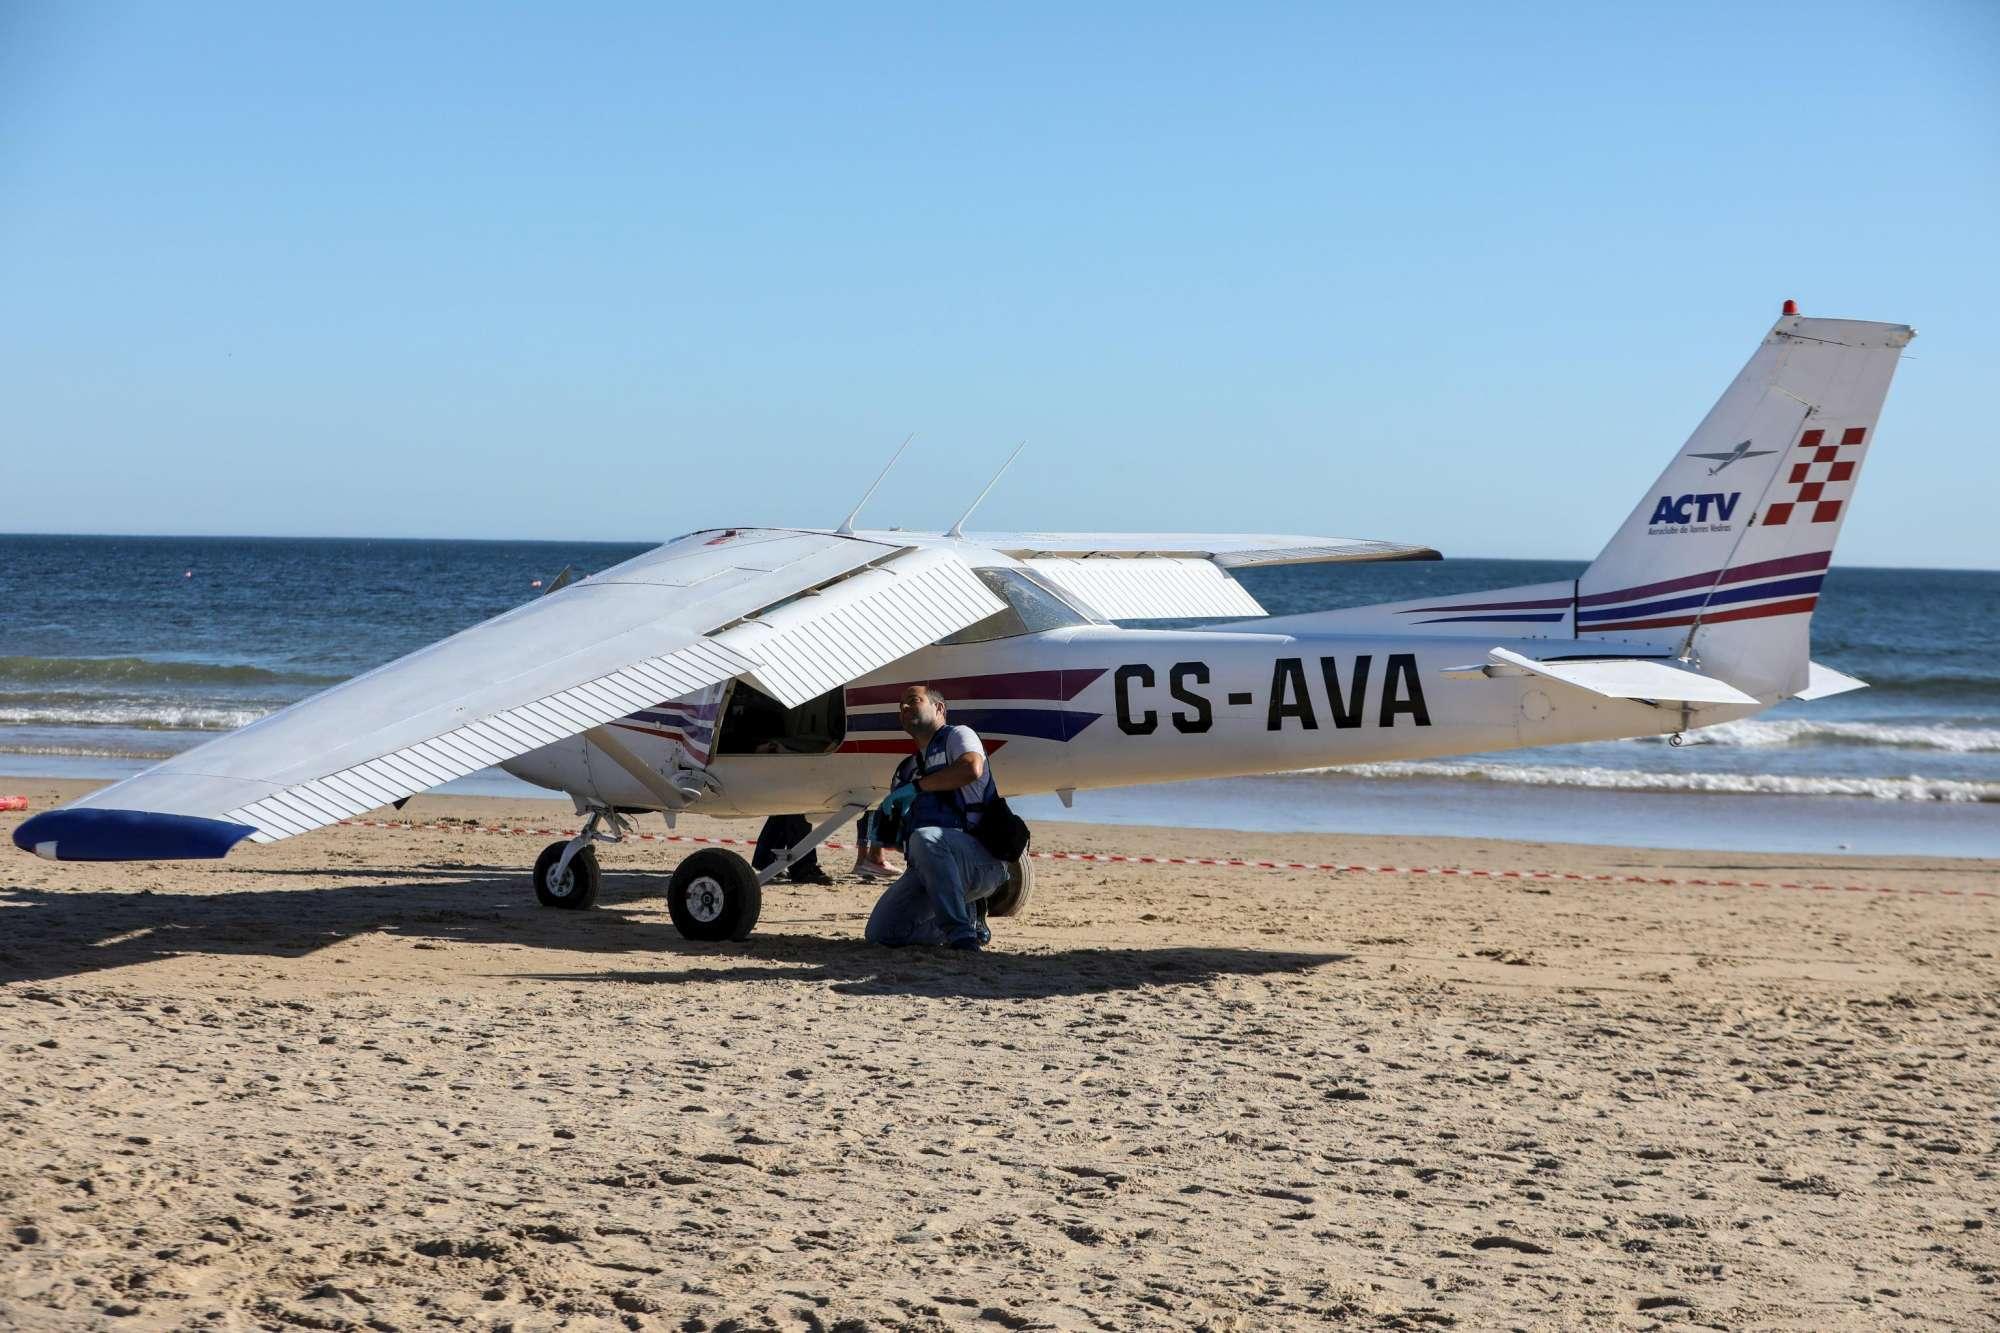 Orrore in Portogallo: l'aereo atterra in spiaggia e uccide un uomo e una bimba